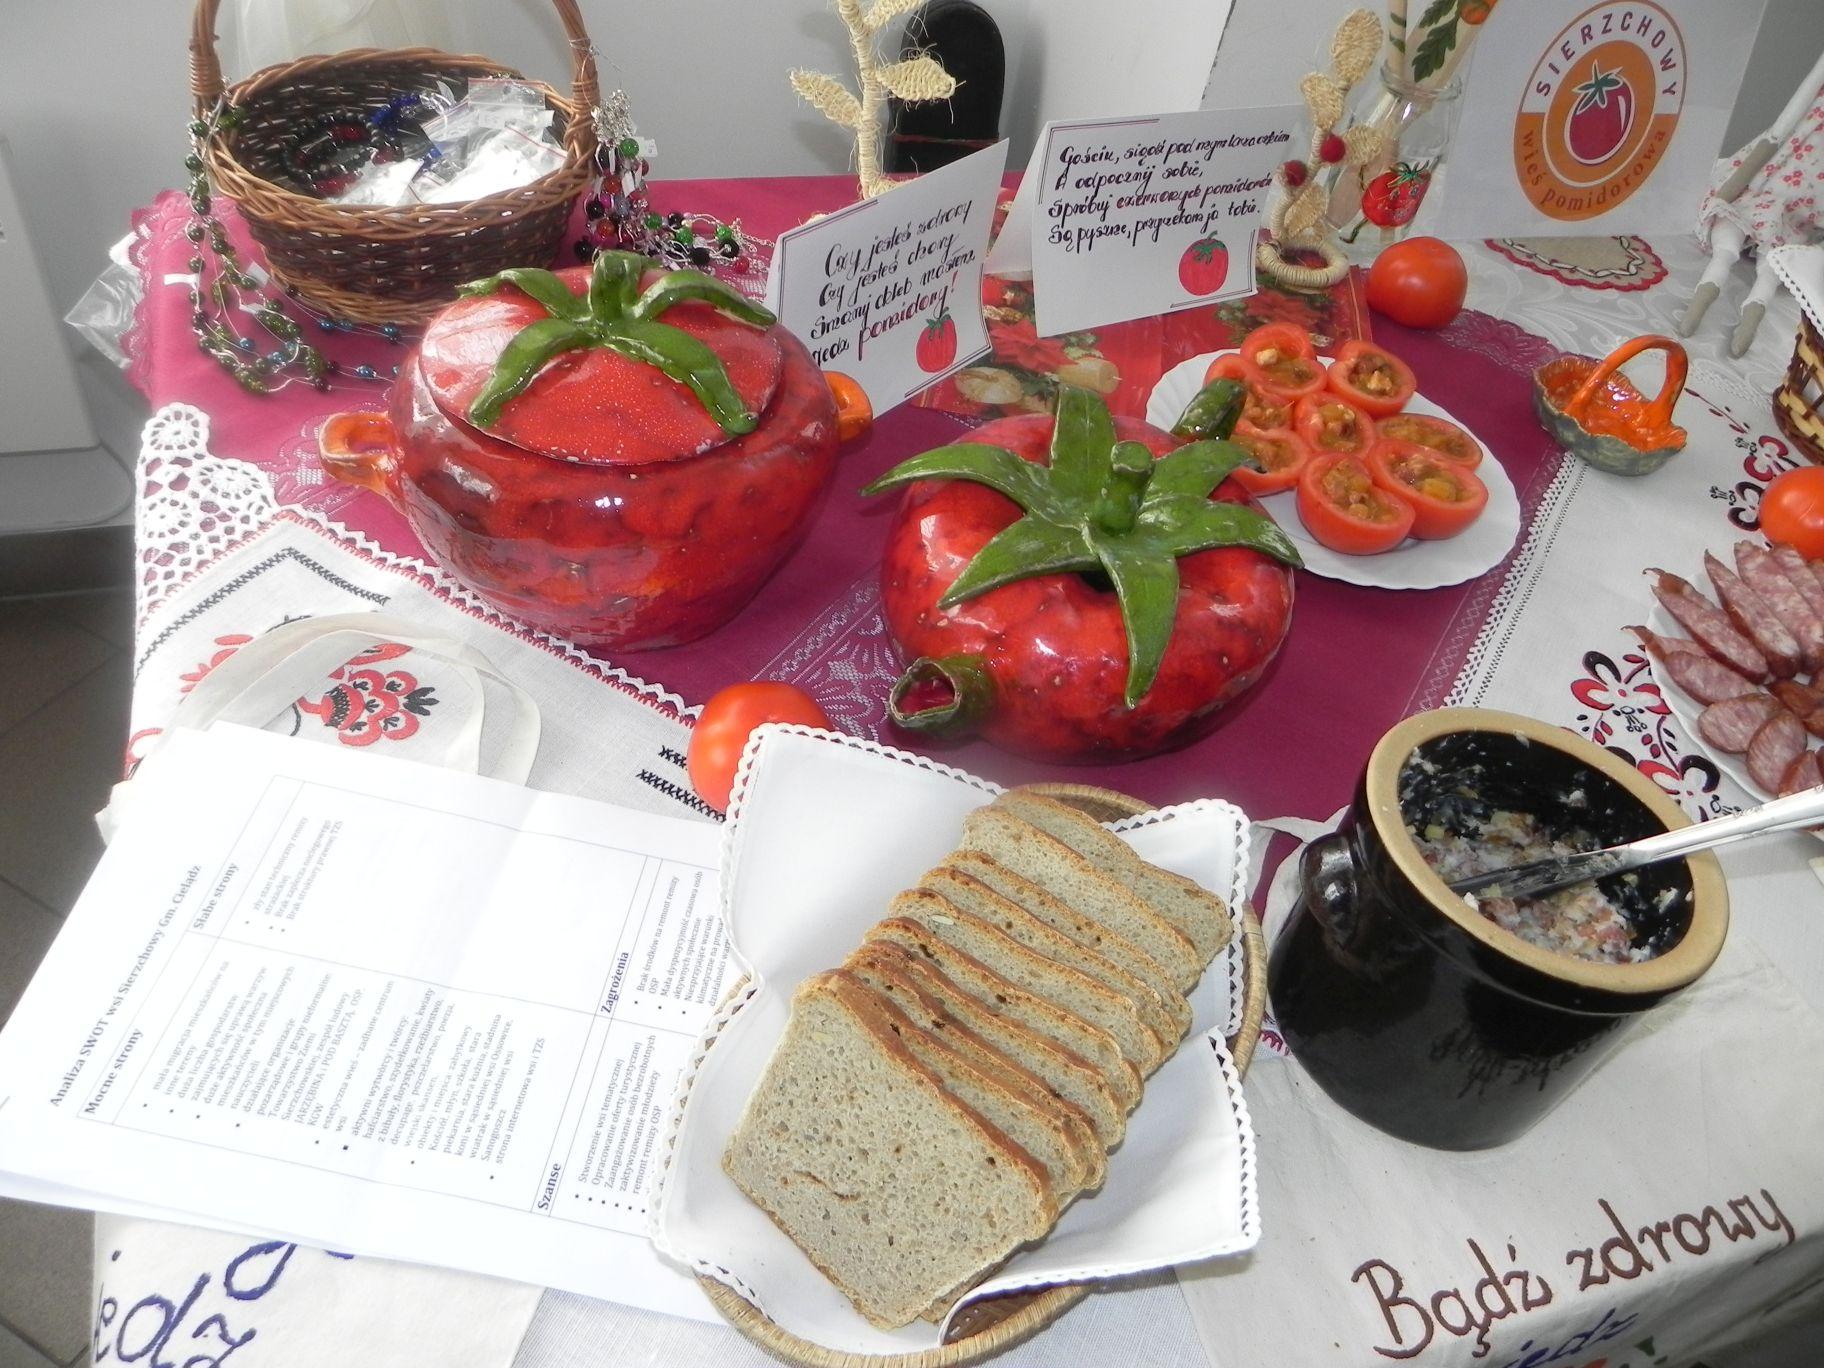 2012-12-14 Wilkowice - Konferencja Wioski tematyczne (63)